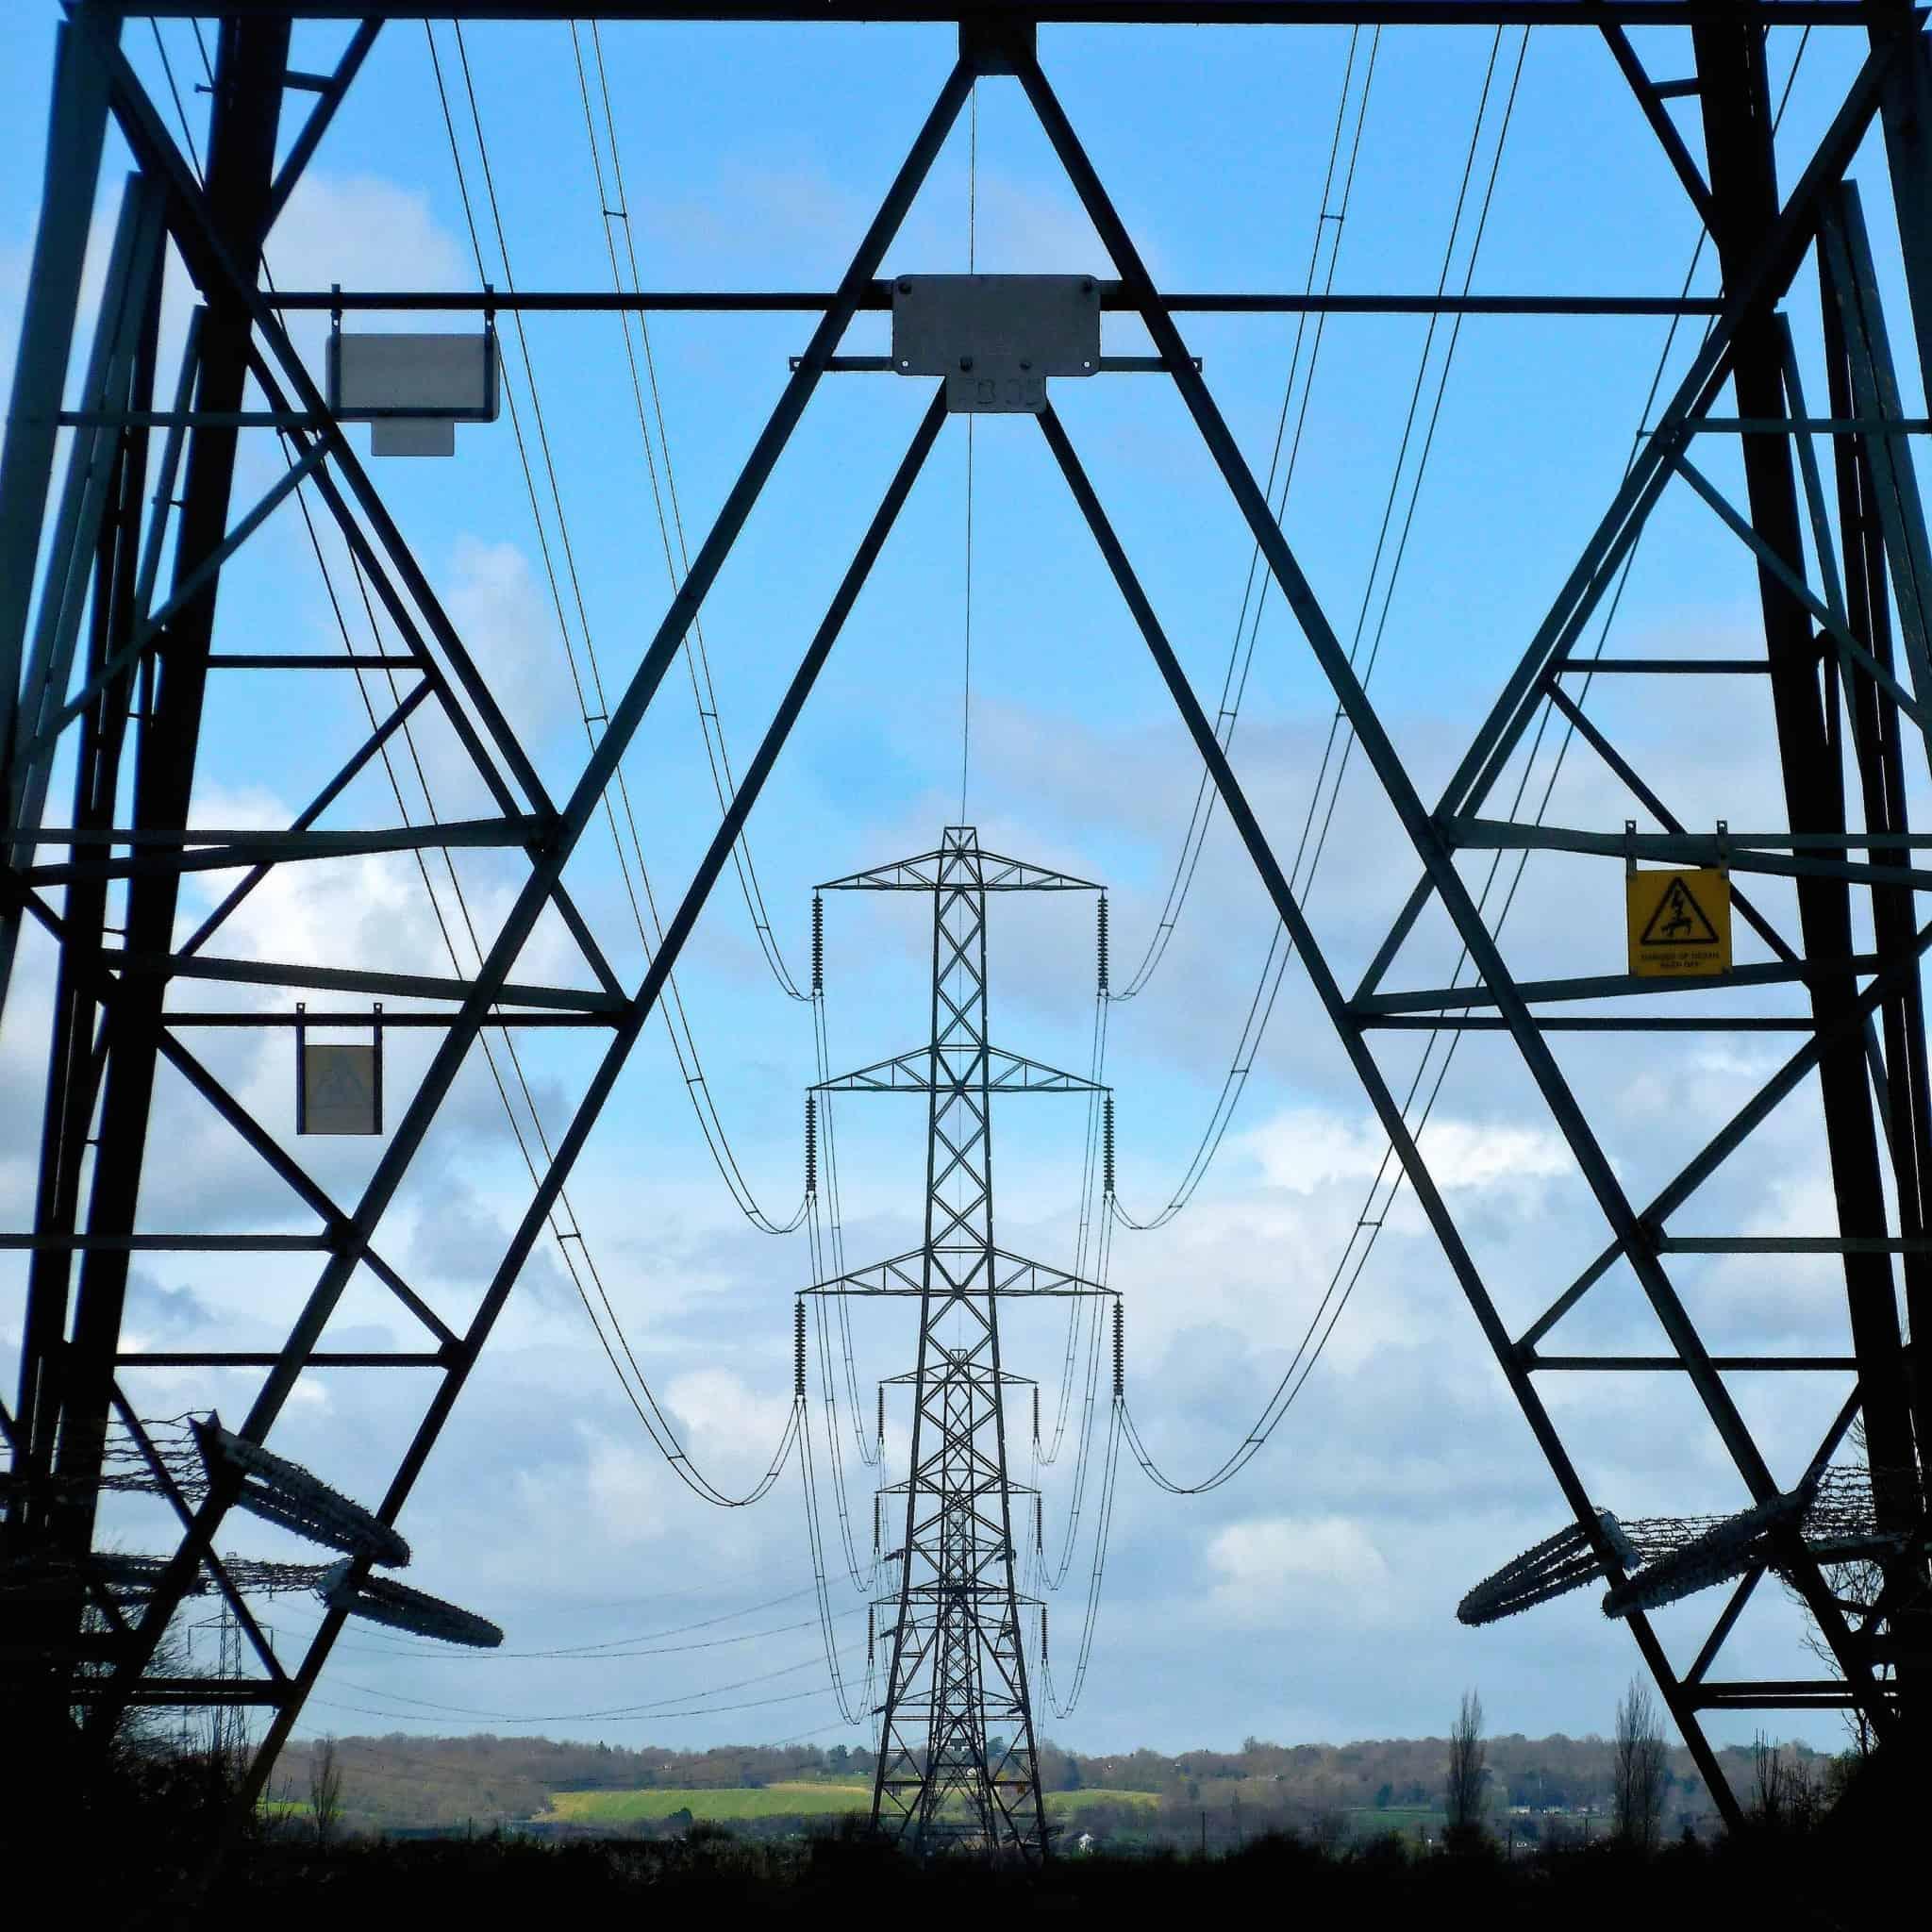 posto de eletricidade